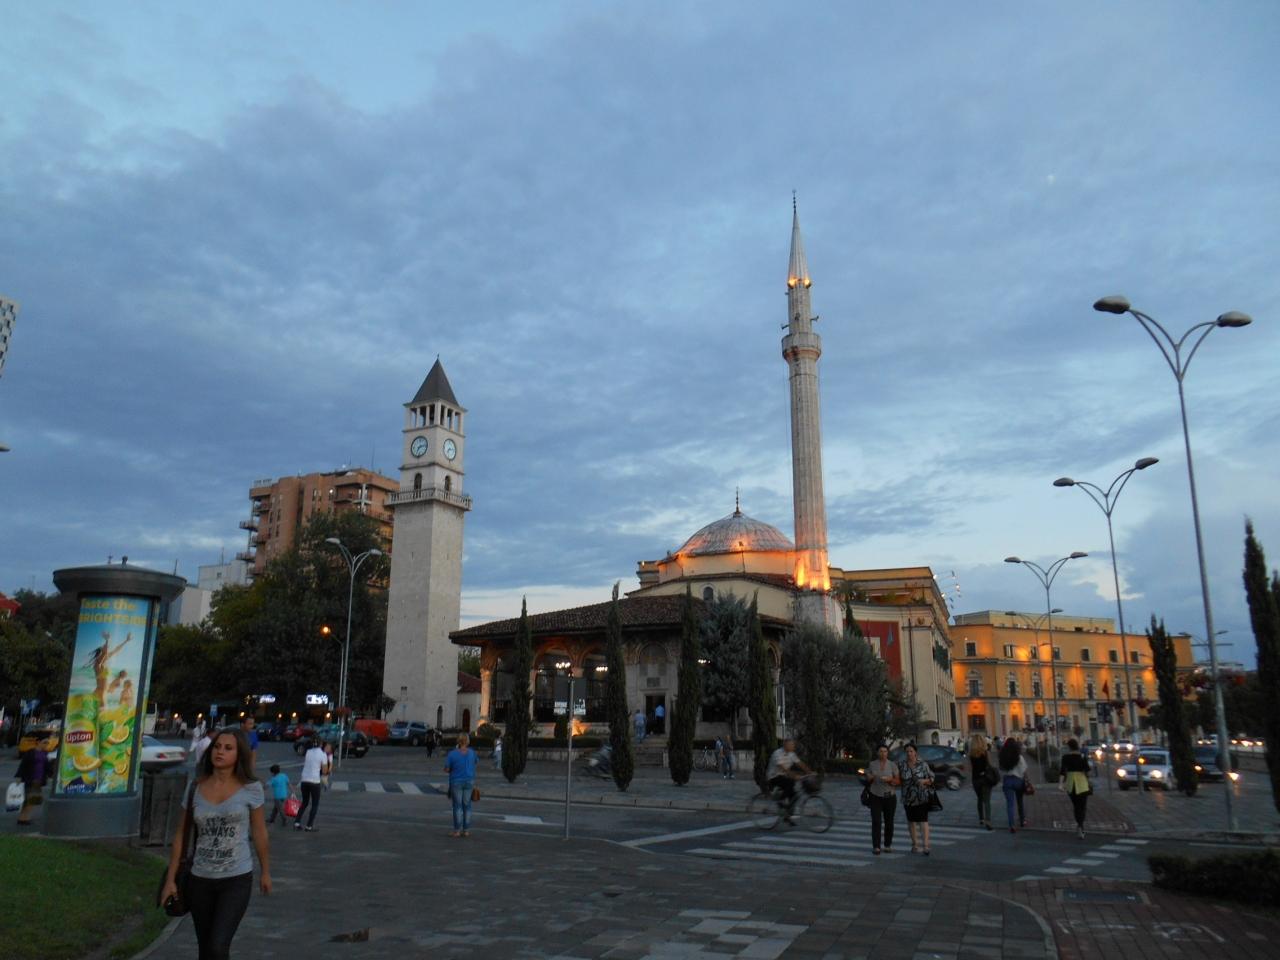 ティラナ(アルバニア) 2014.9.3』ティラナ(アルバニア)の旅行記 ...